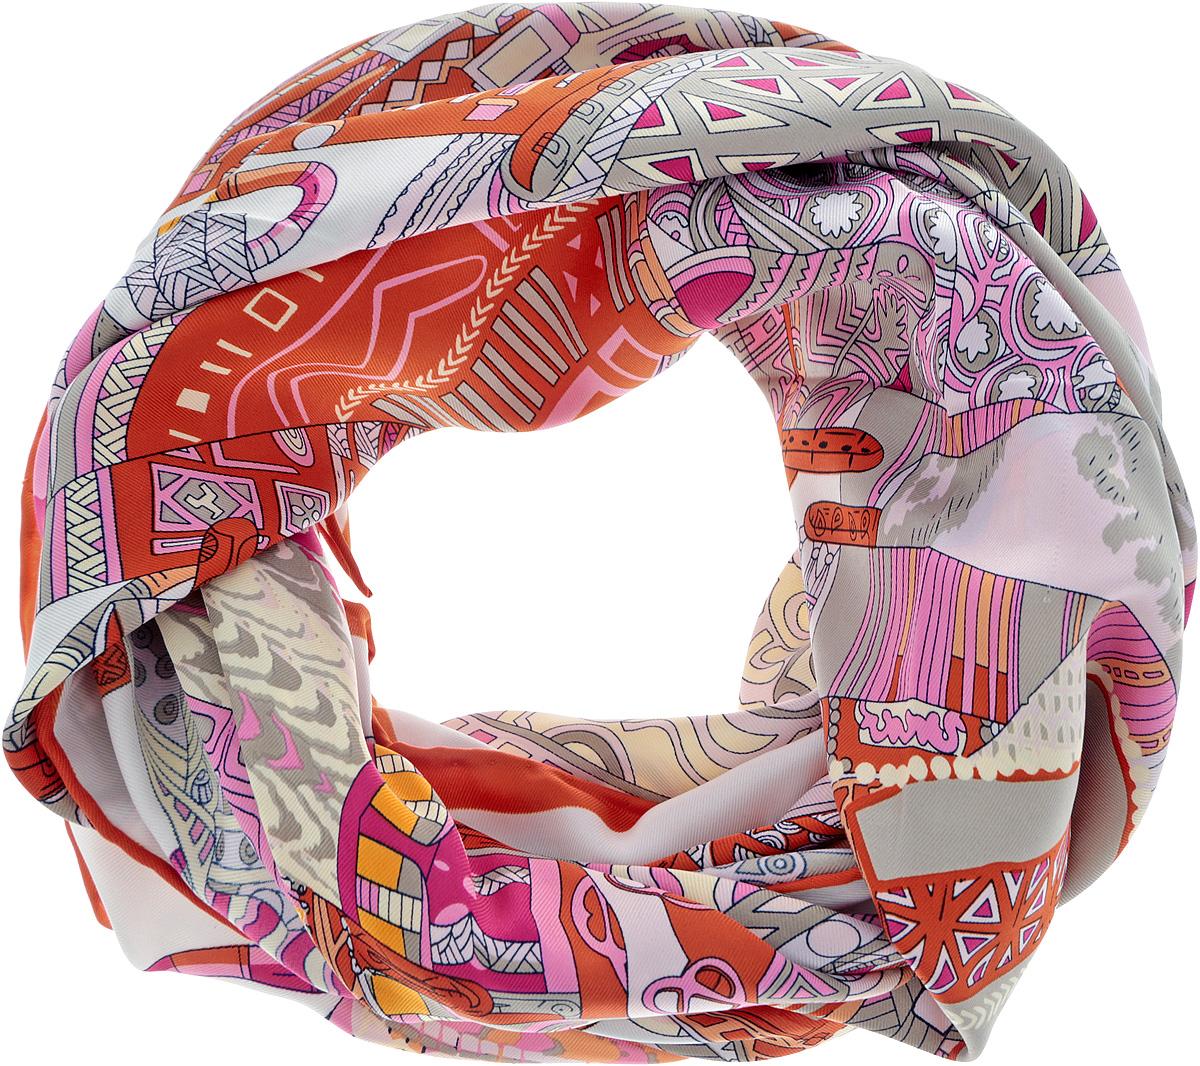 Платок женский. 72ПЛ_90х90_421_172ПЛ_90х90_421_1Стильный женский платок Sabellino станет великолепным завершением любого наряда. Платок изготовлен из полиэстера и оформлен оригинальным принтом. Классическая квадратная форма позволяет носить платок на шее, украшать им прическу или декорировать сумочку. Такой платок превосходно дополнит любой наряд и подчеркнет ваш неповторимый вкус и элегантность.